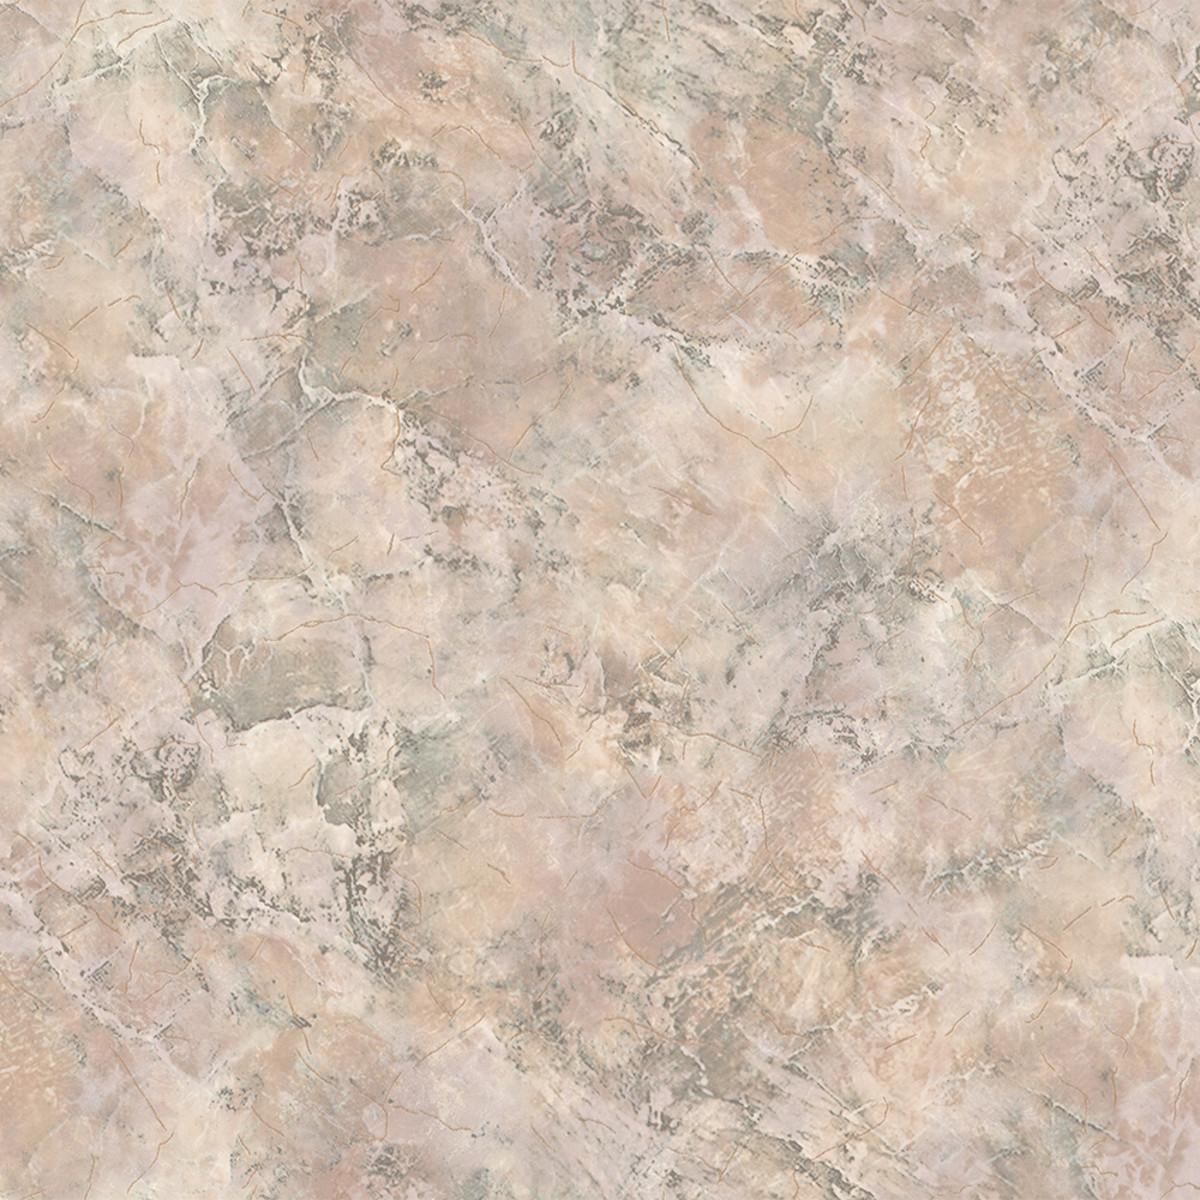 Обои флизелиновые ПАЛИТРА Marmara коричневые PL71506-27 1.06 м